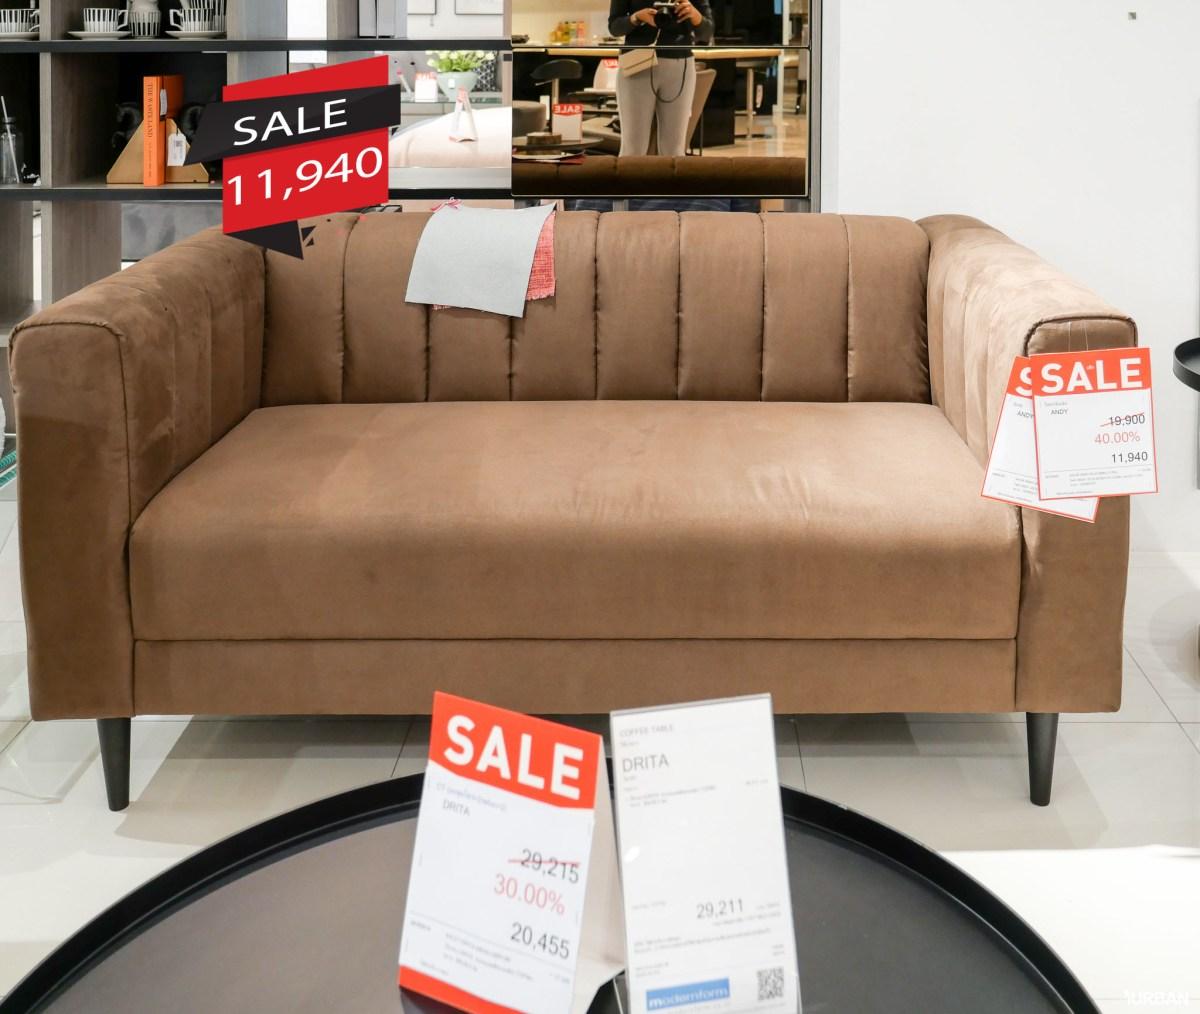 พาชม MODERNFORM ลดถึง 75% งาน The Annual Sale 2019 ปีนี้มีอะไรบ้าง? 95 - decorate